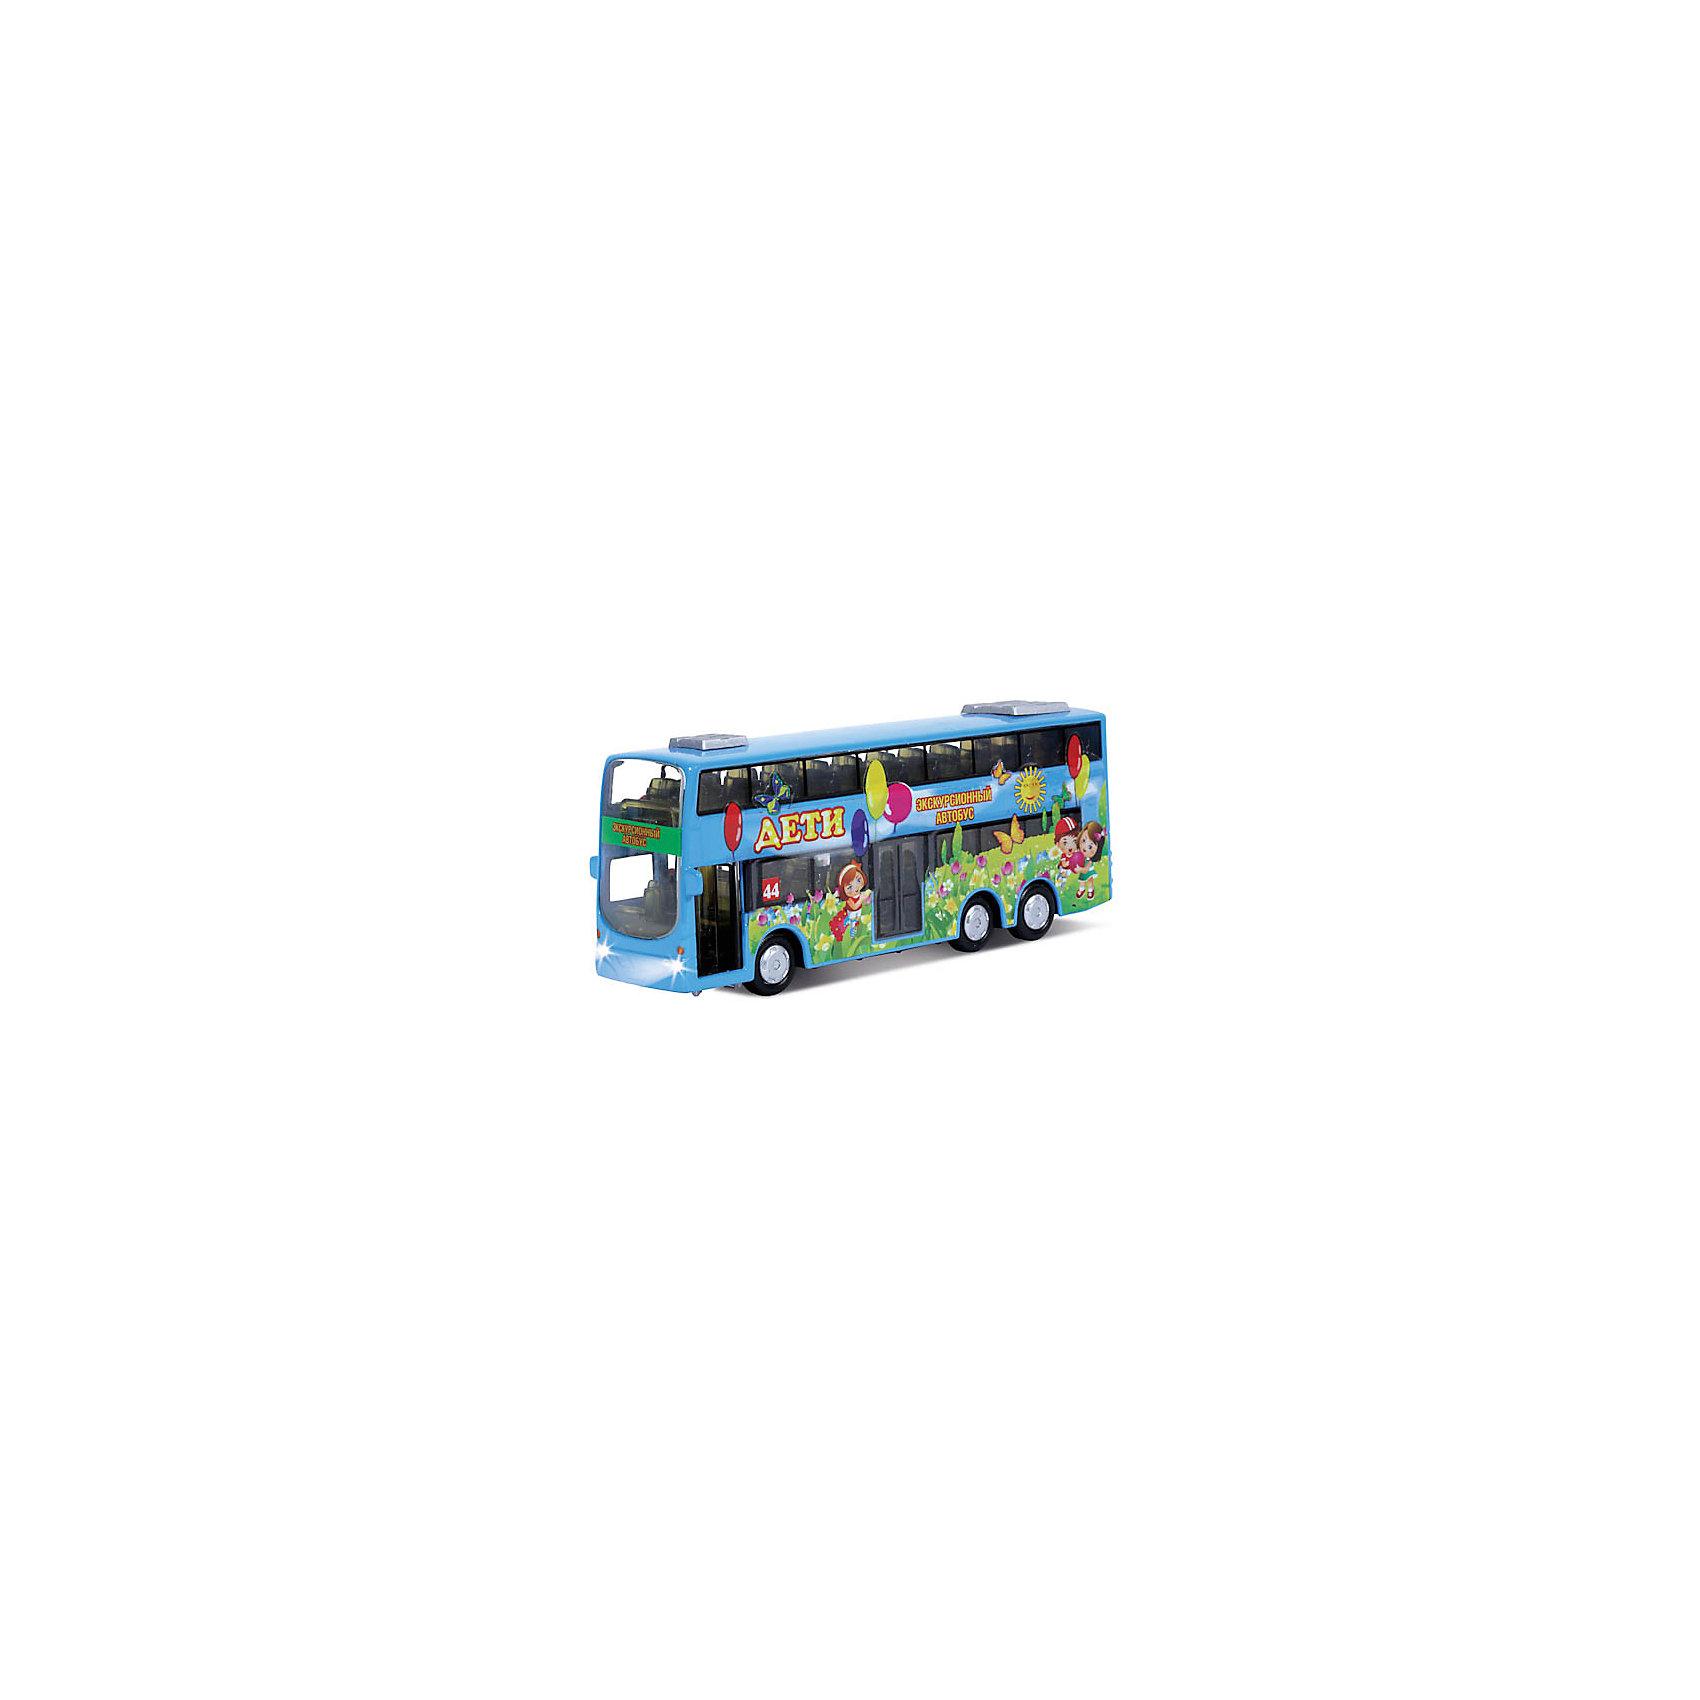 ТЕХНОПАРК Двухэтажный автобус Дети, со светом и звуком, ТЕХНОПАРК билет на автобус до анапы из волгограда